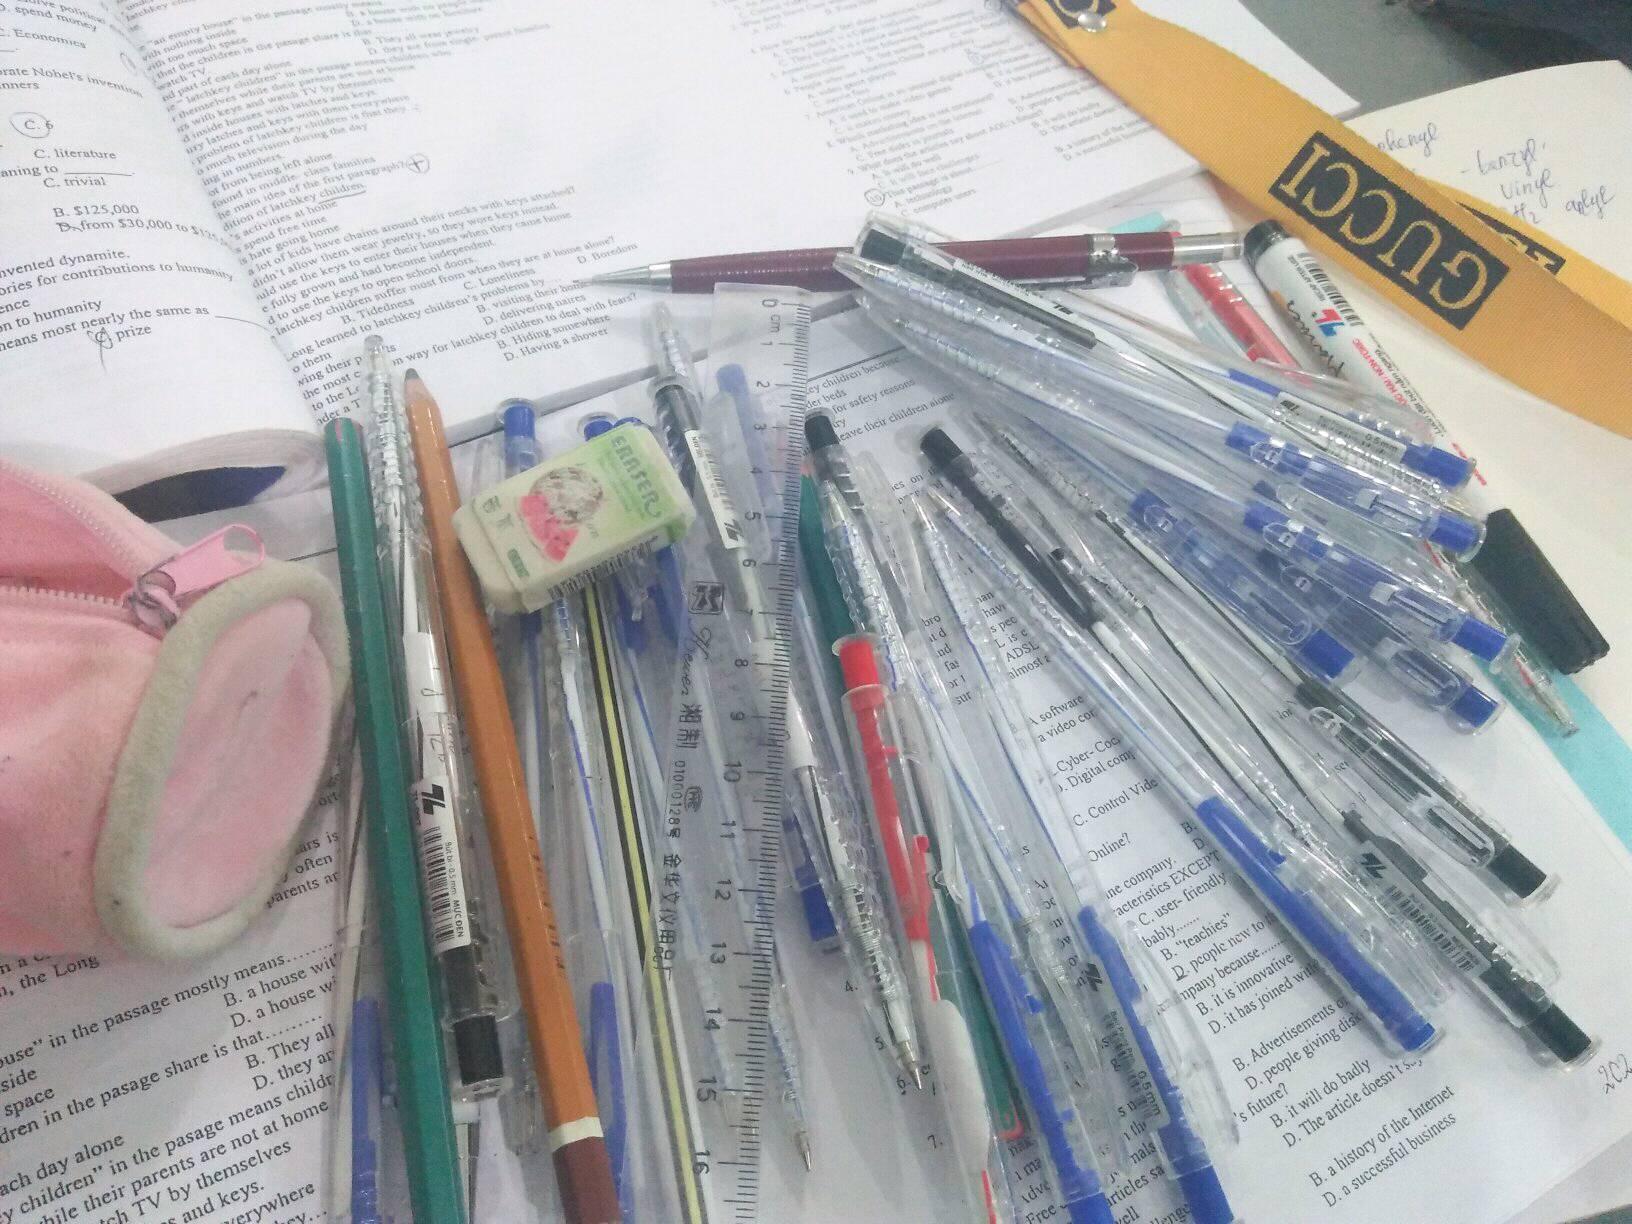 Gia tài của học sinh: 12 năm đi học gom được cả tấn bút, thước các loại - Ảnh 2.